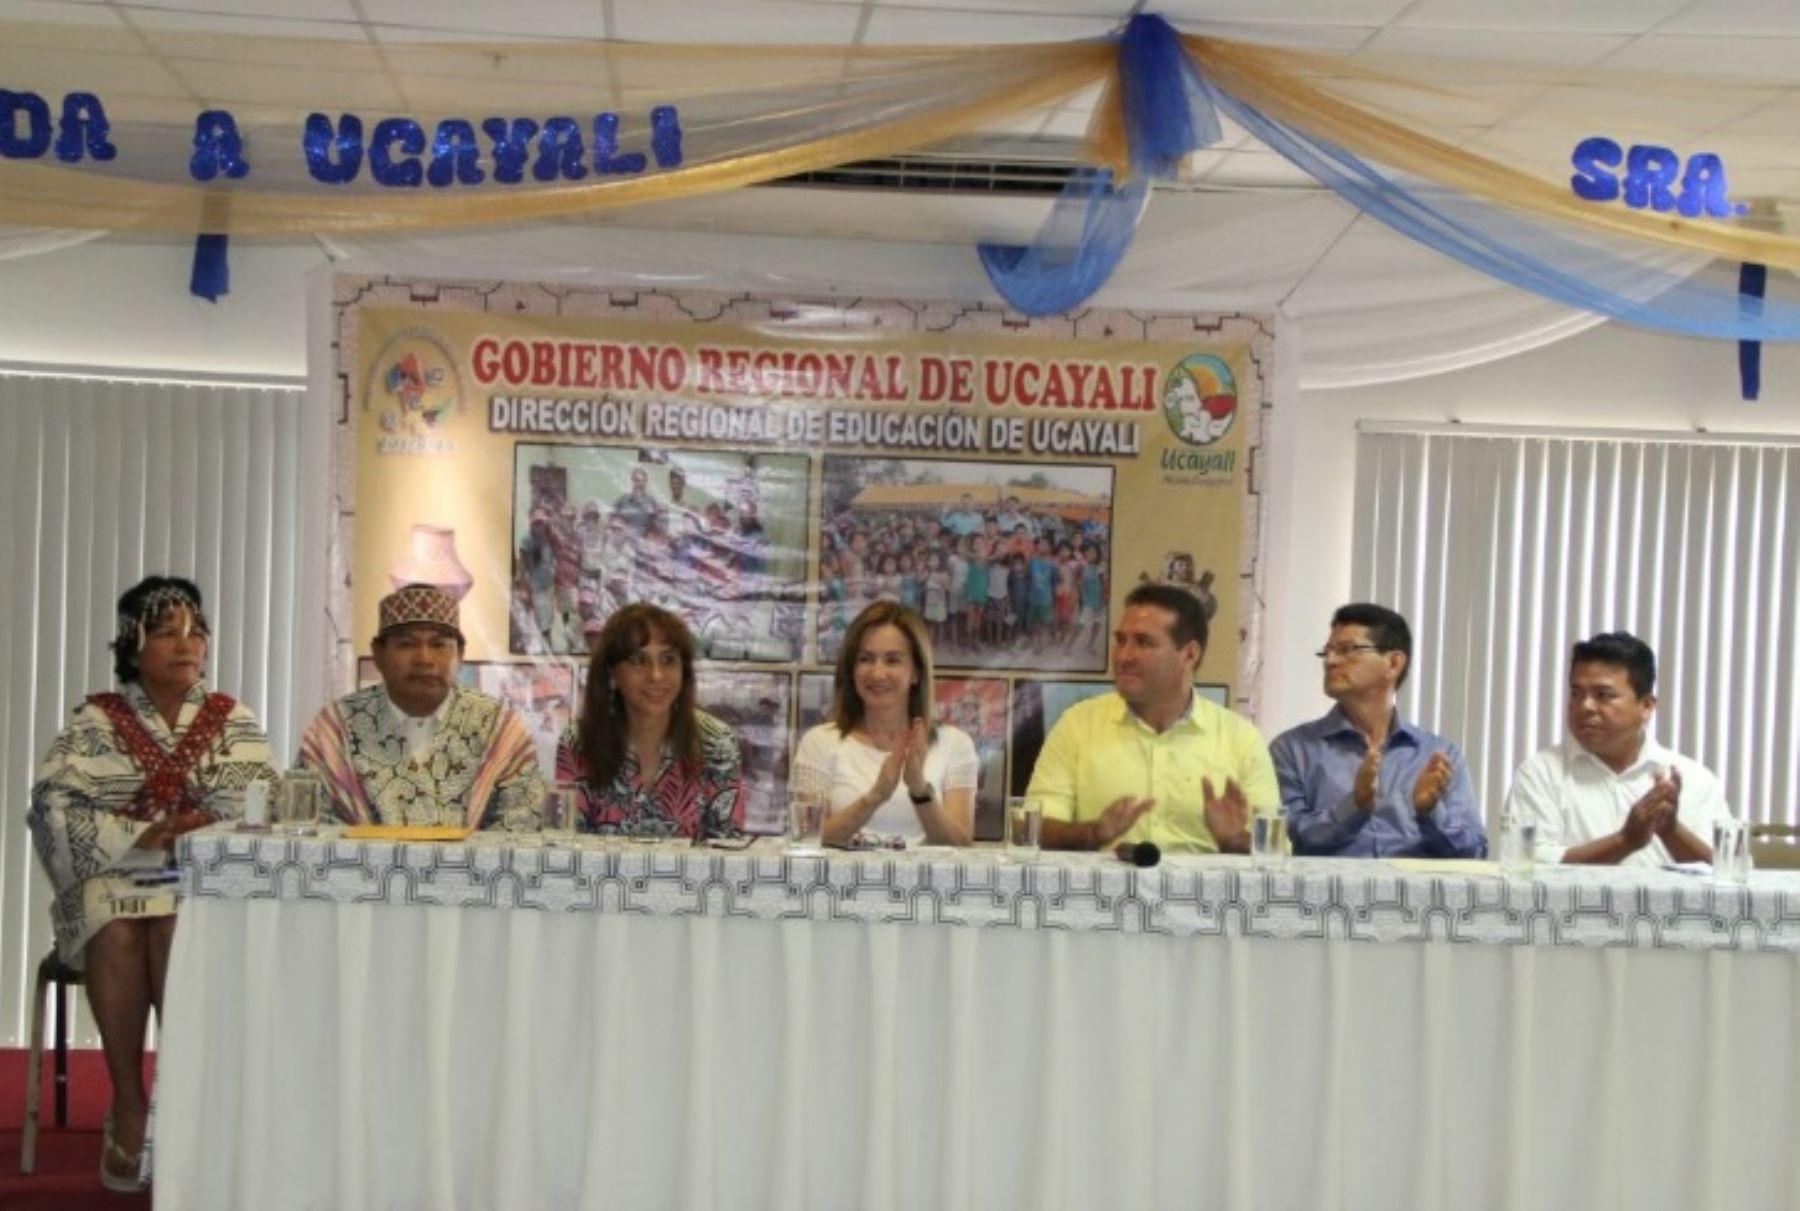 Ministra de Educación, Marilú Martens, presentó en Ucayali Plan Nacional de Educación Intercultural Bilingüe.